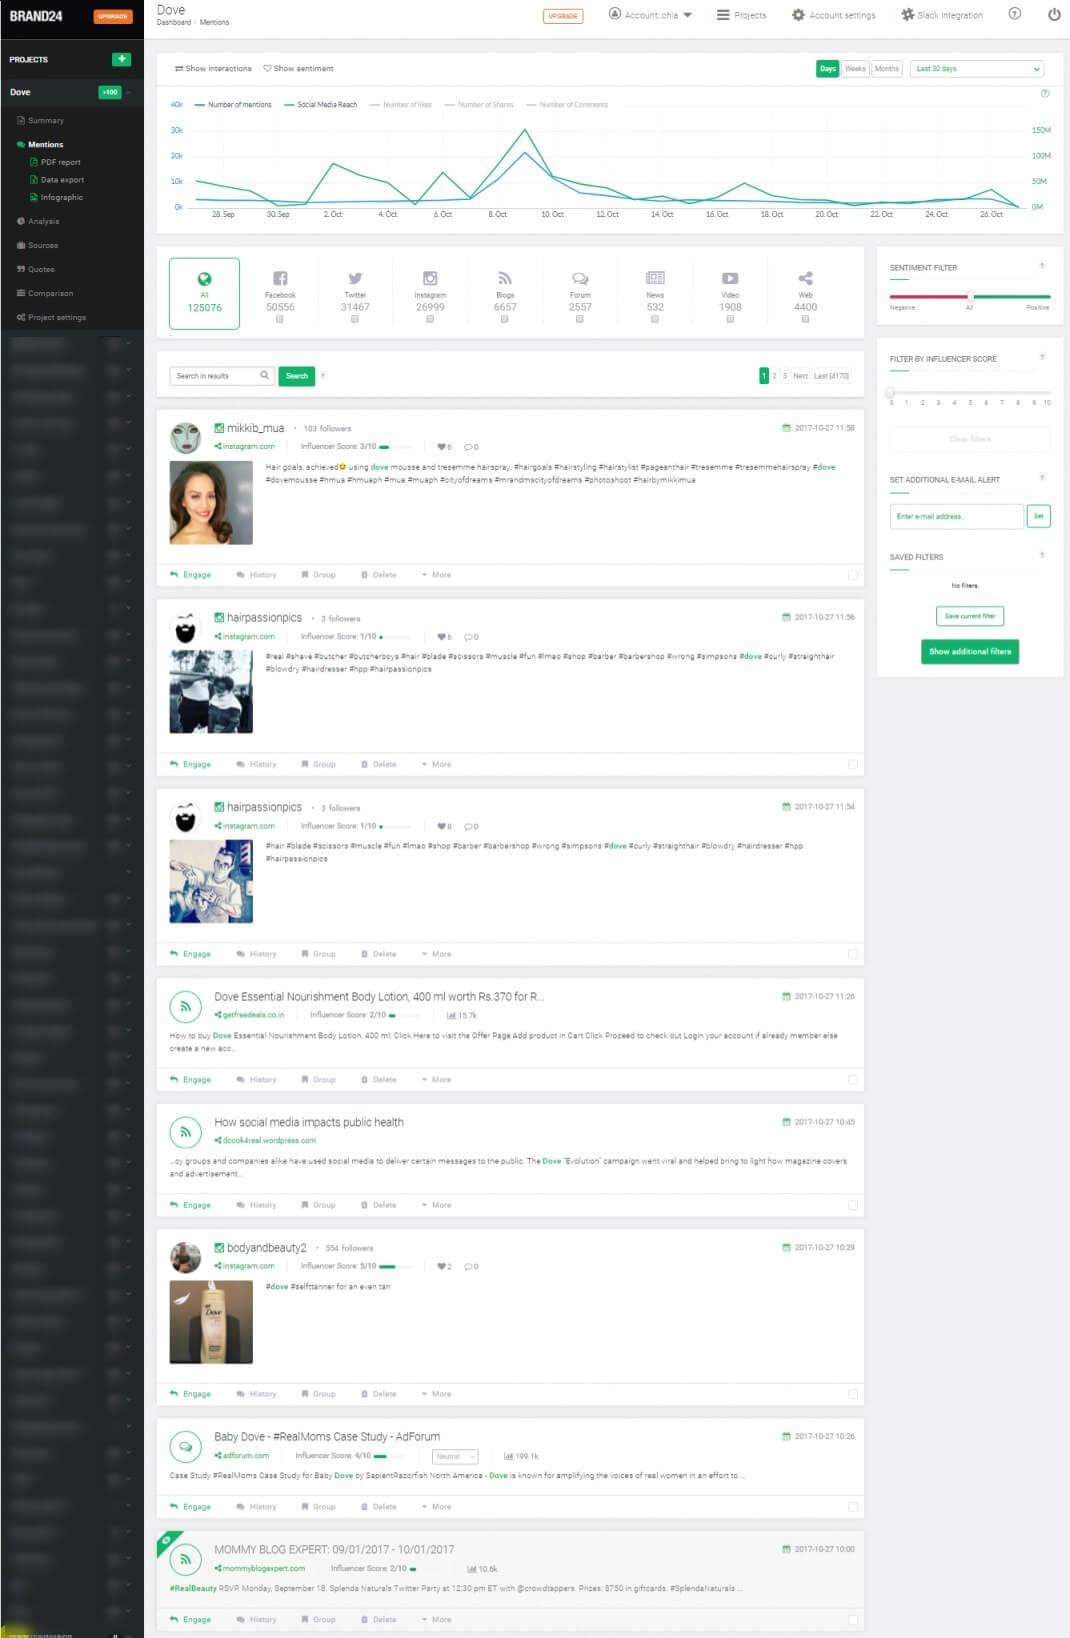 Social listening for customer feedback